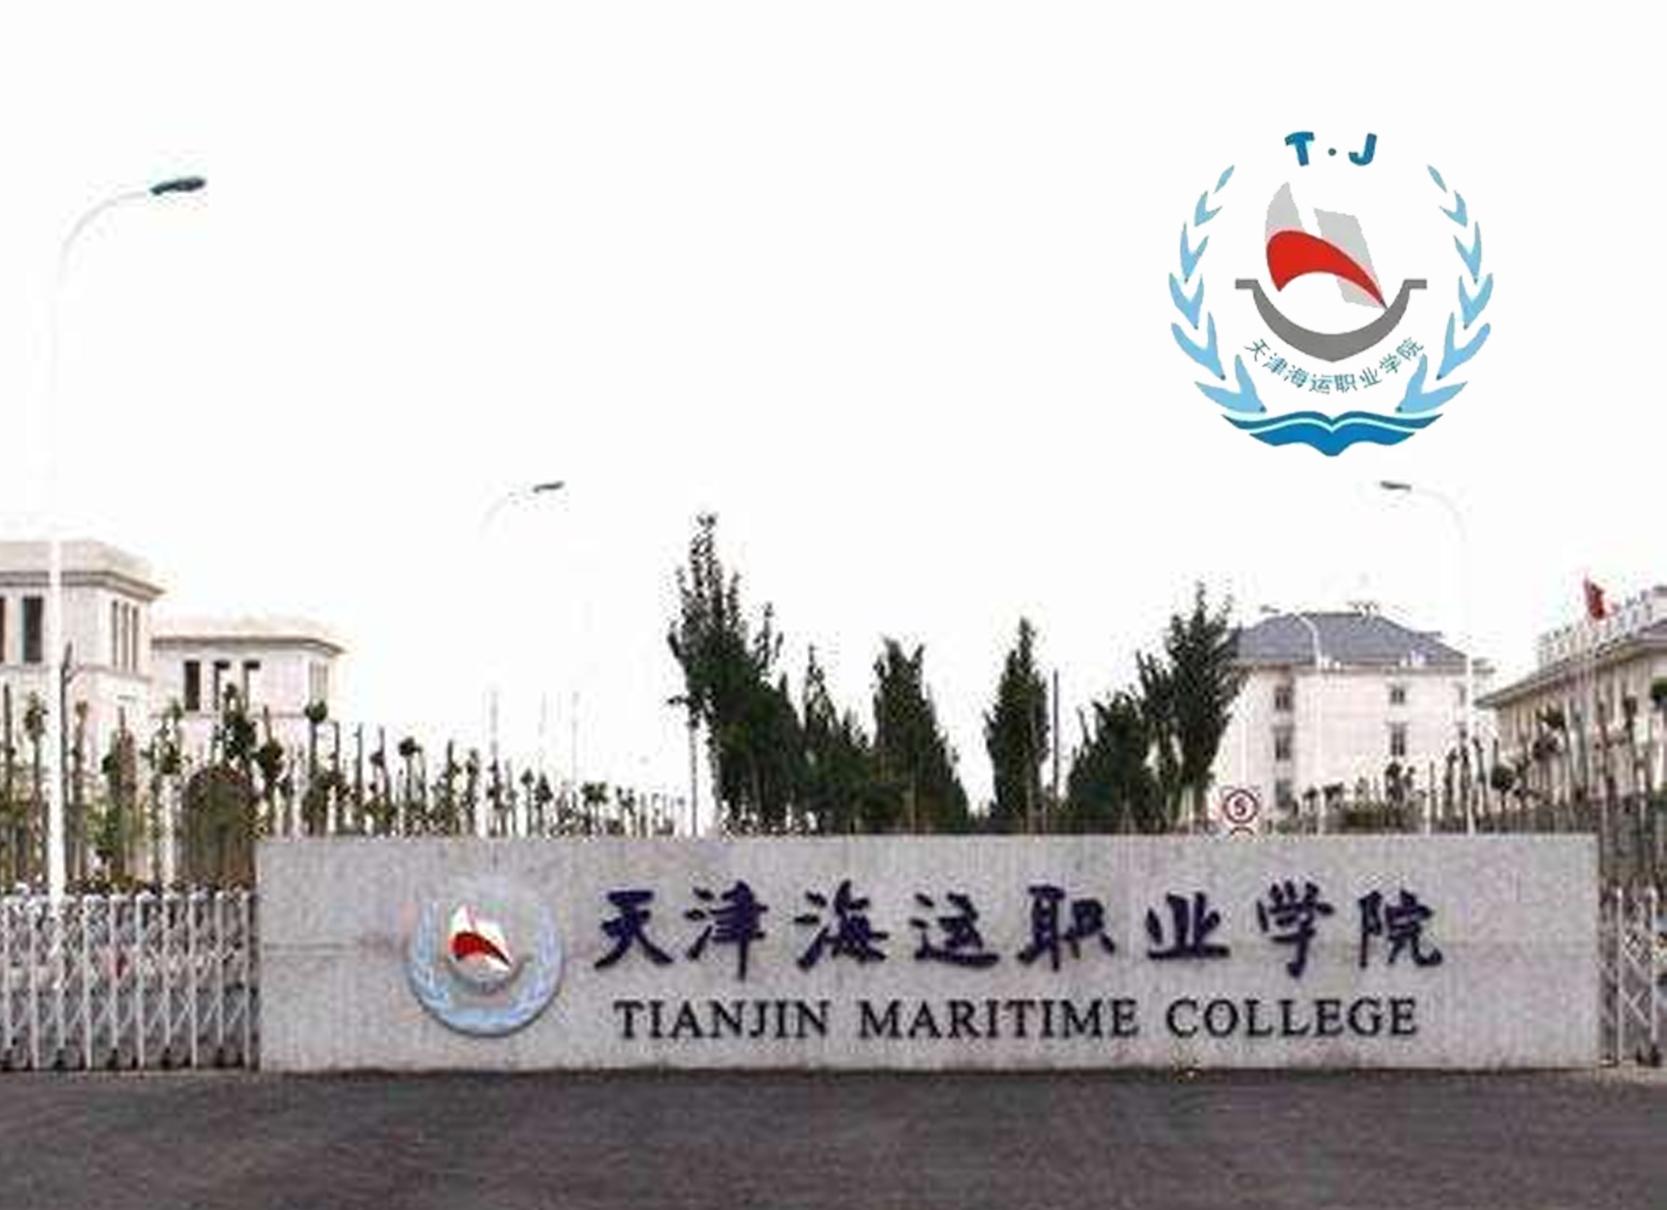 天津海运职业技术学院